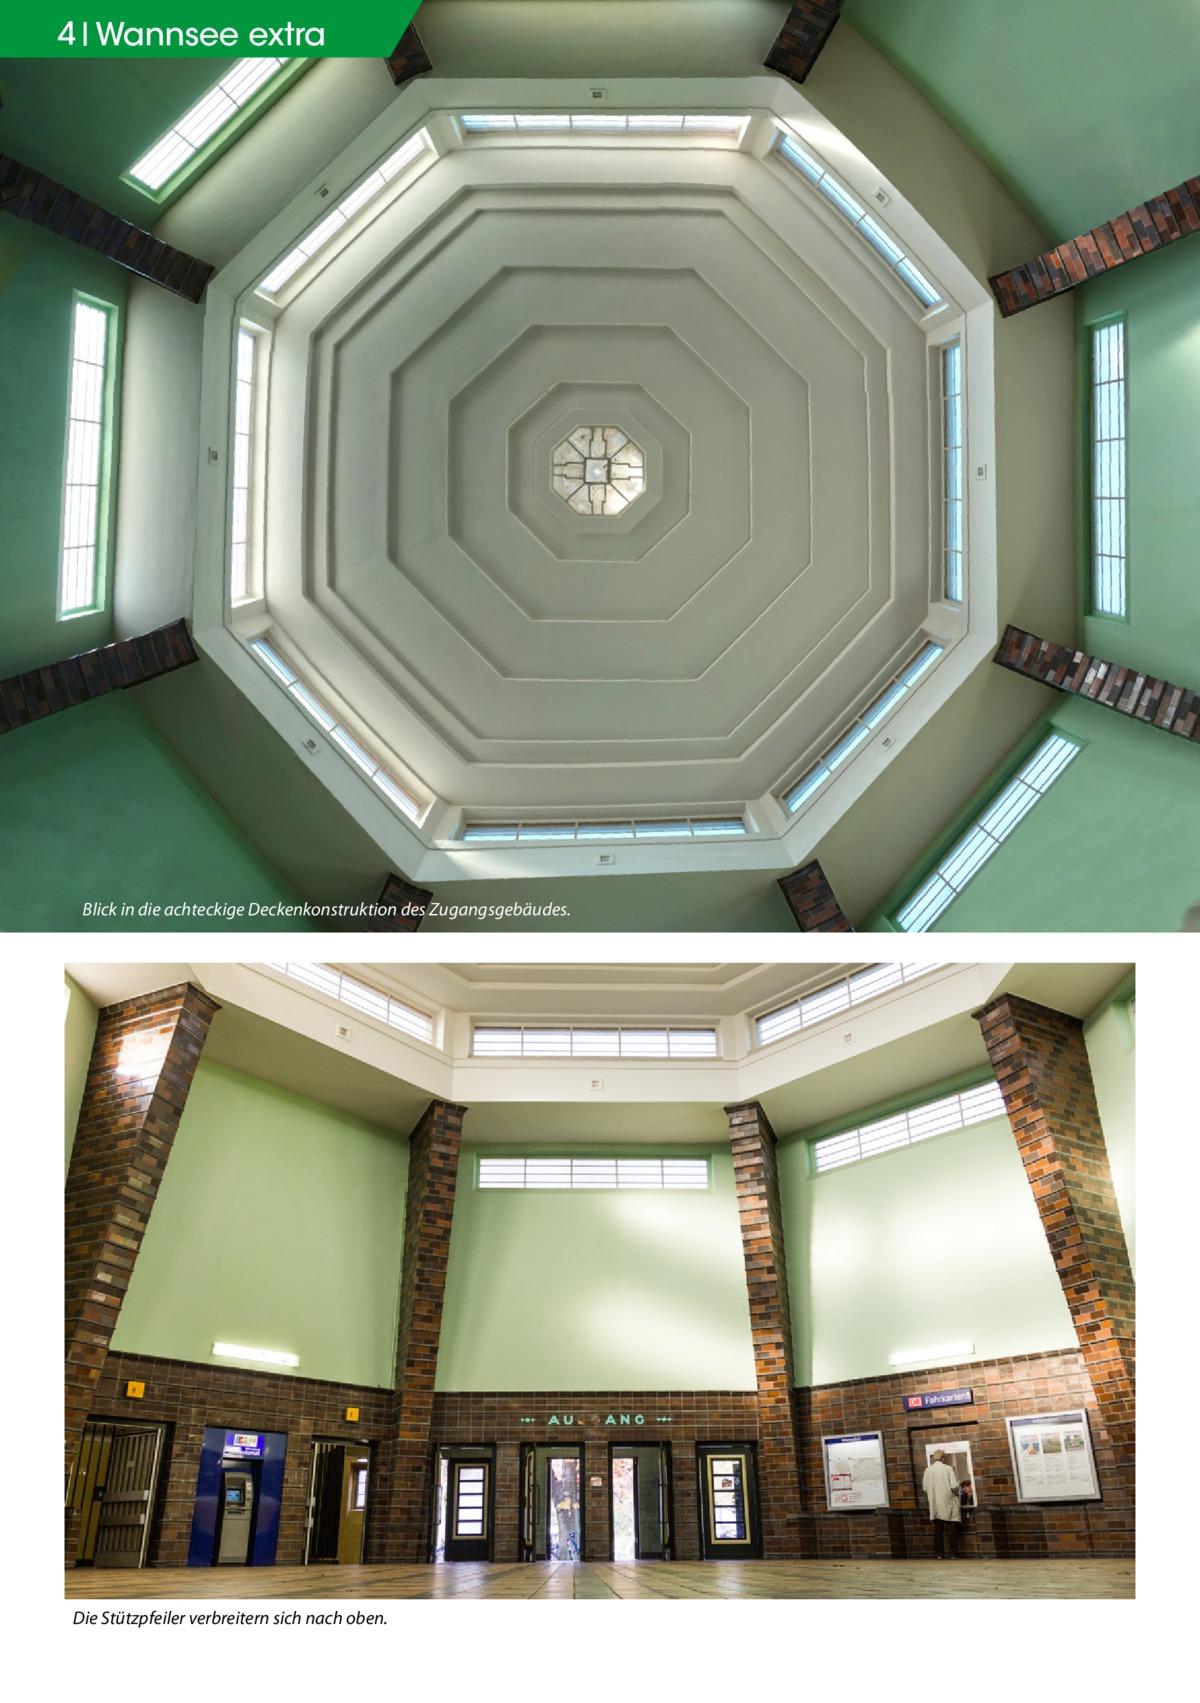 4 Wannsee extra  Blick in die achteckige Deckenkonstruktion des Zugangsgebäudes.  Die Stützpfeiler verbreitern sich nach oben.